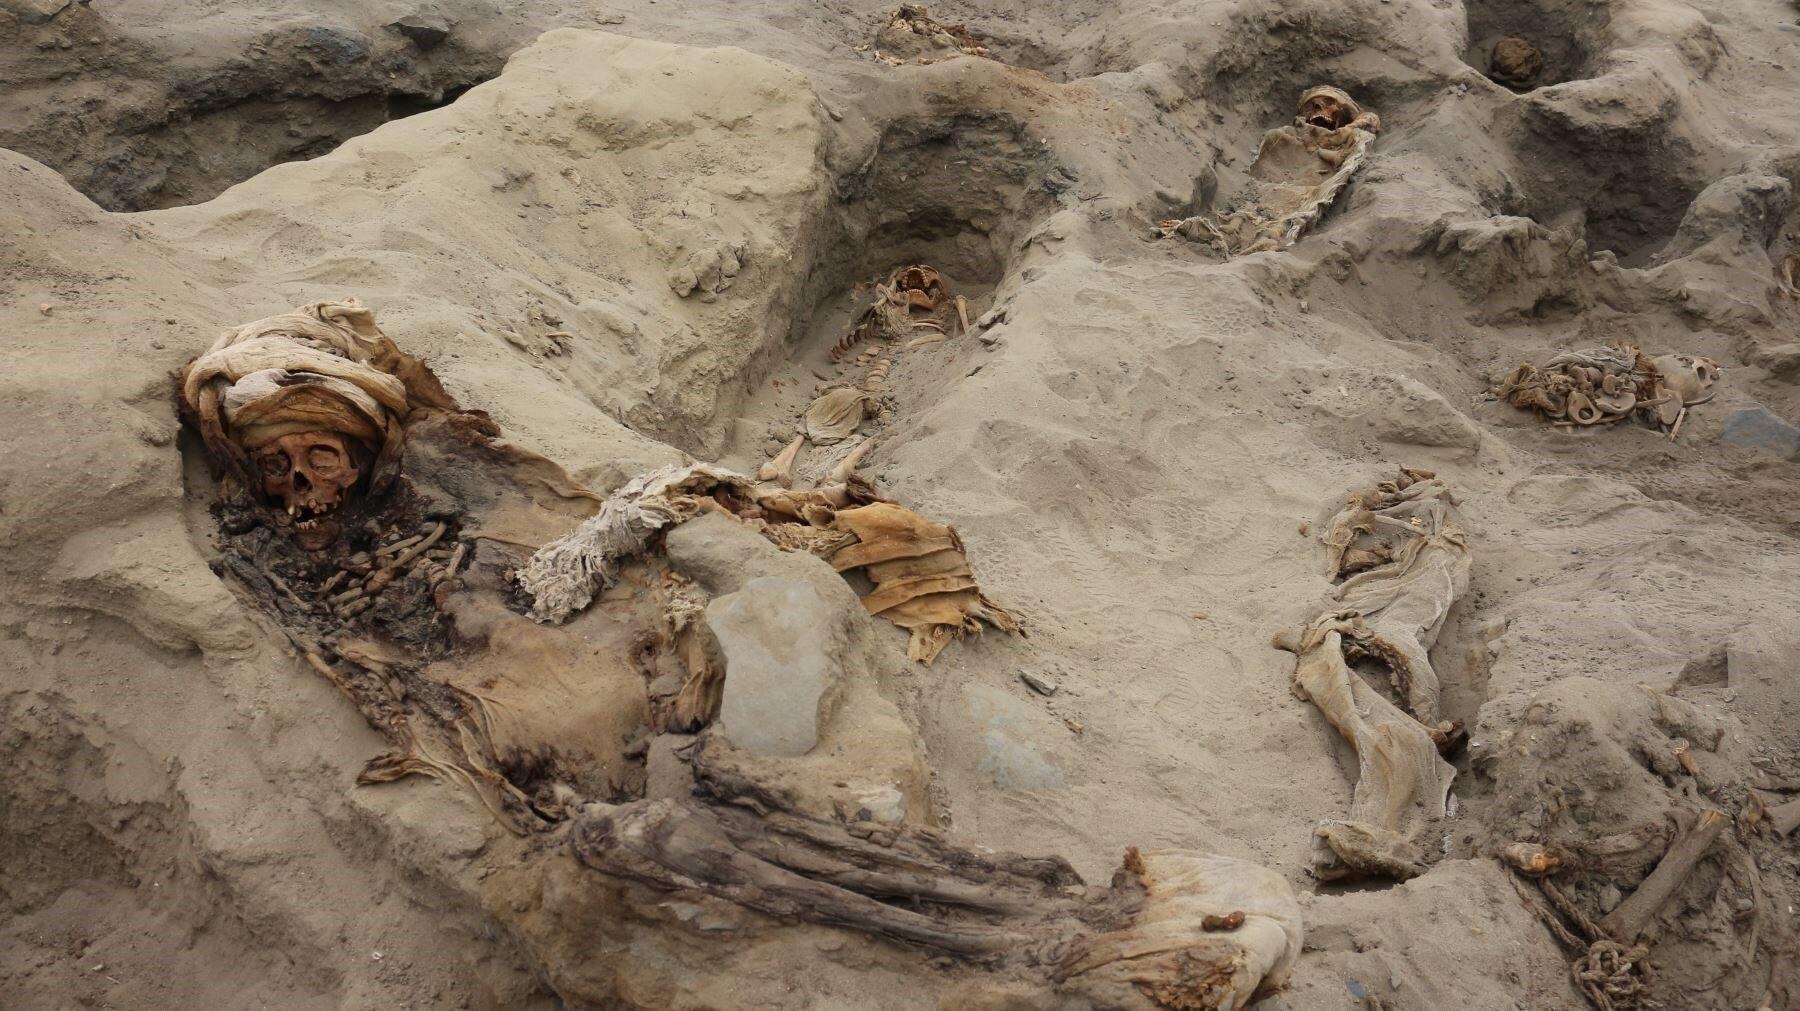 Los Sacrificios Masivos De Ninos Un Ritual Habitual En El Antiguo Peru Libertad Digital Cultura